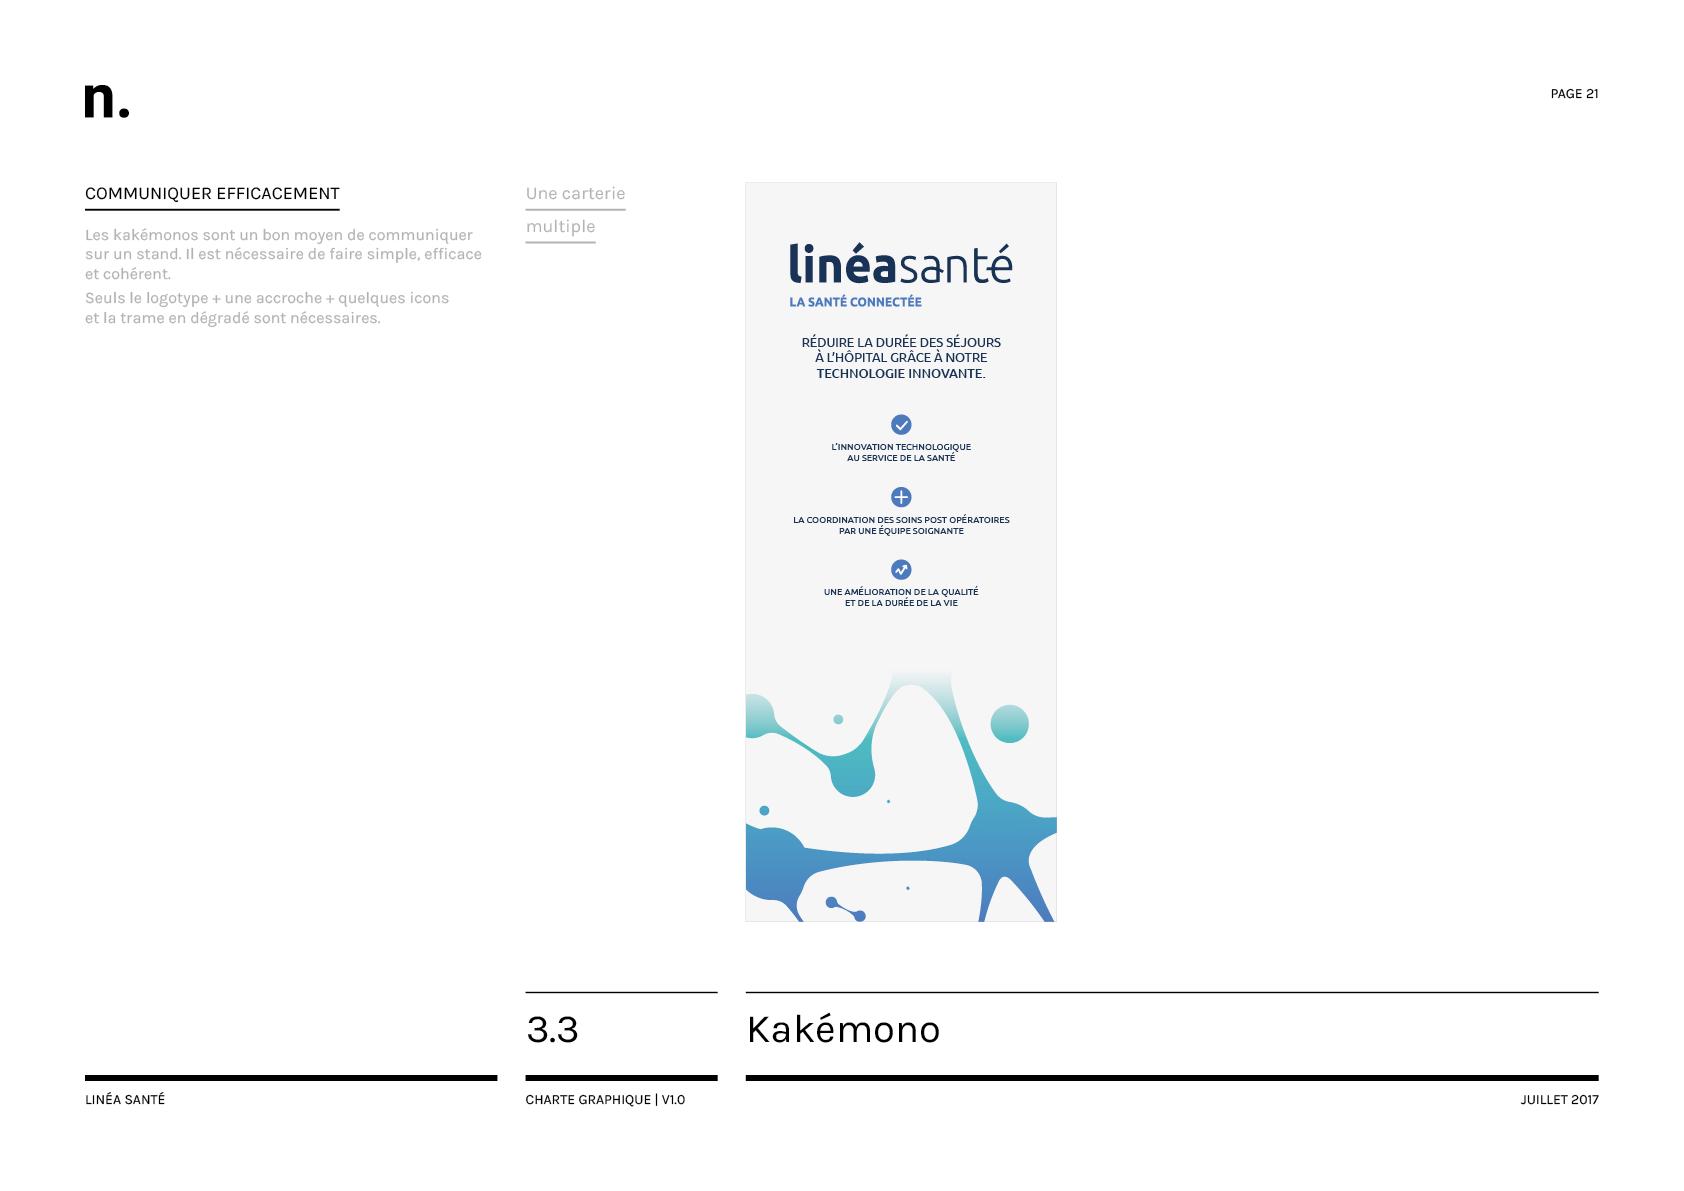 Linea Sante Charte Graphique21